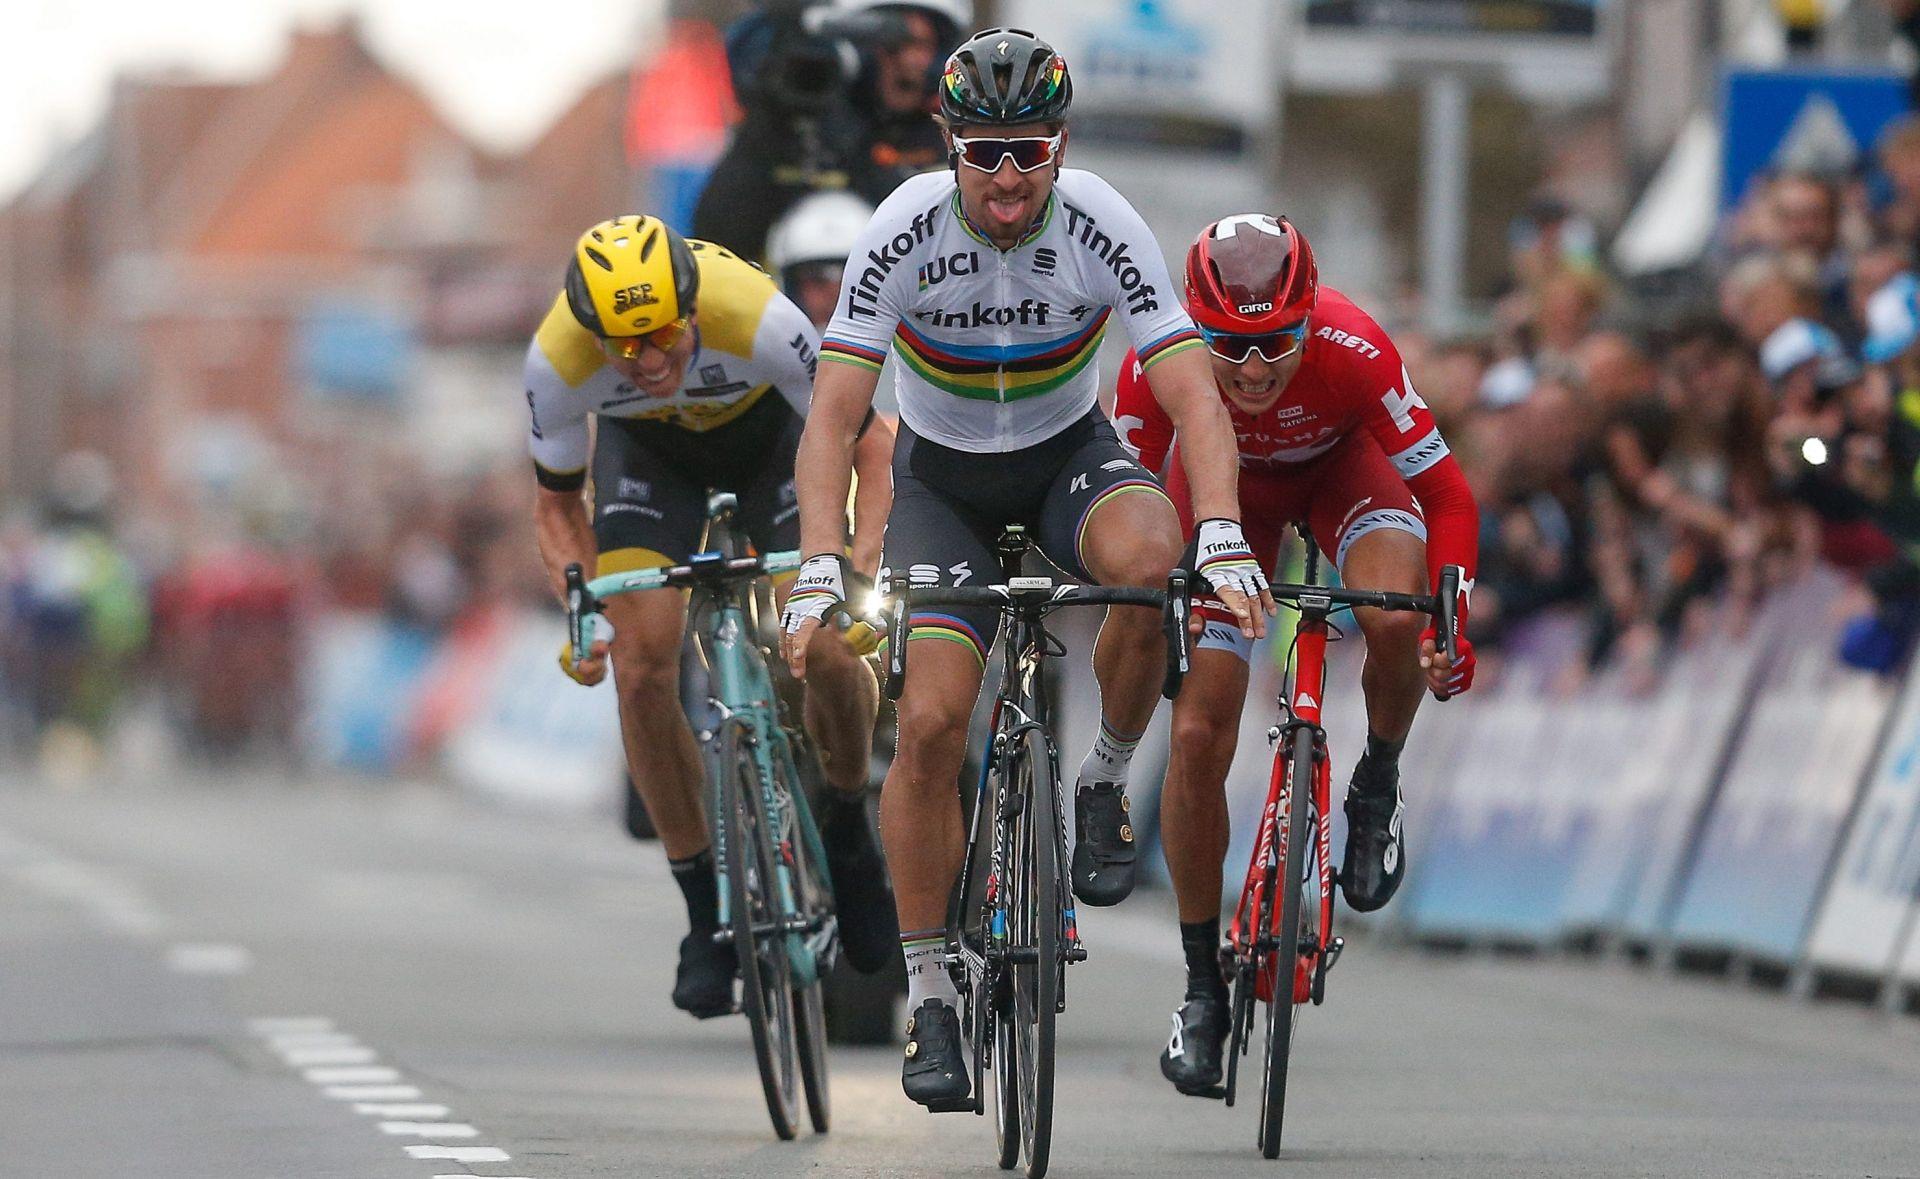 BICIKLIZAM Gent-Wevelgem: Prva pobjeda Sagana kao svjetskog prvaka, Demoitie kritično